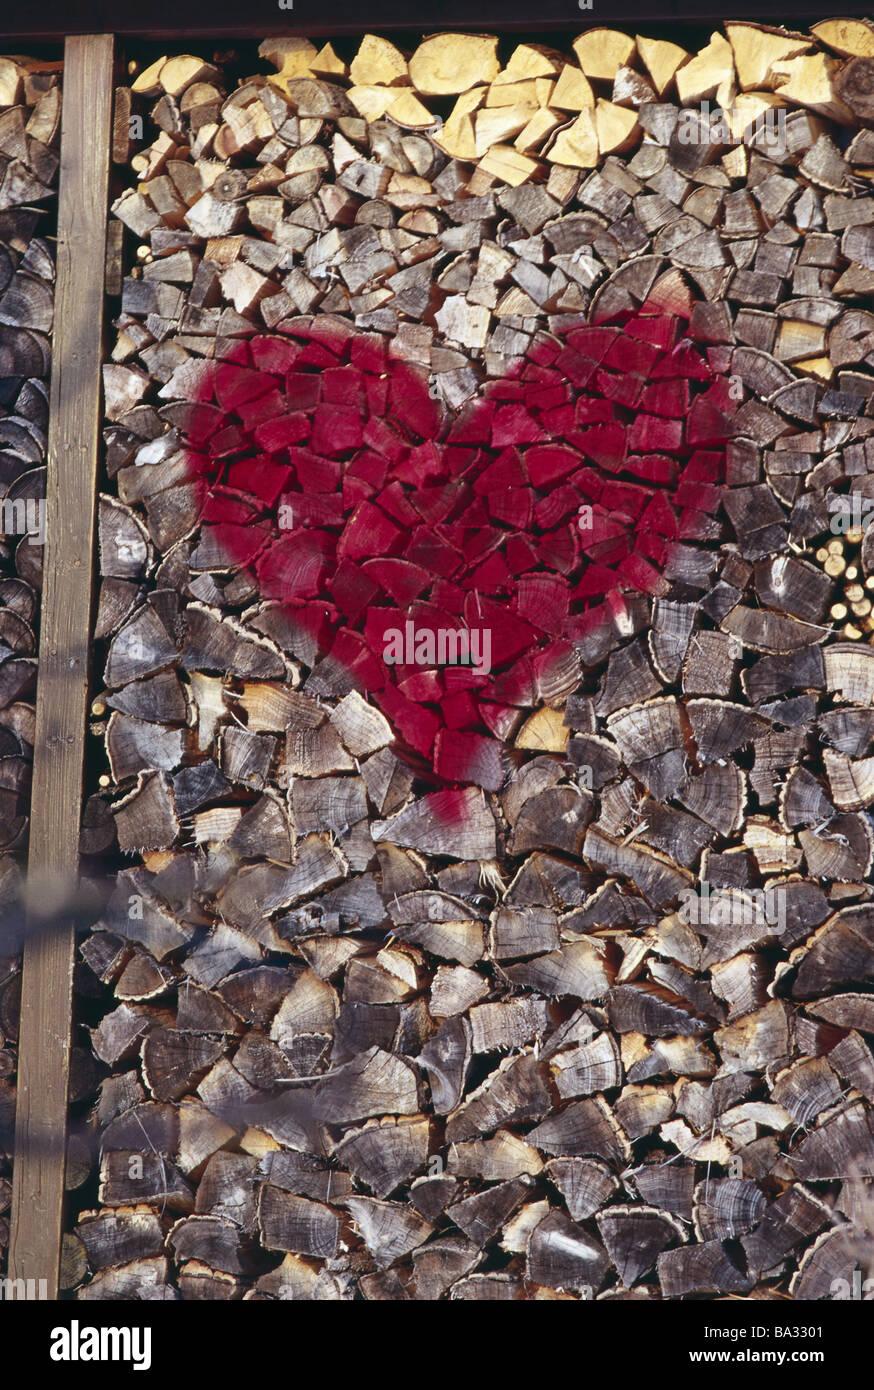 Holzstapeln vorne Detail Herz rot Aufgesprüht Rohstoff Holz-Push Alternativenergie Holz Brennholz Brennholz Protokolle-Rundholz Stockfoto